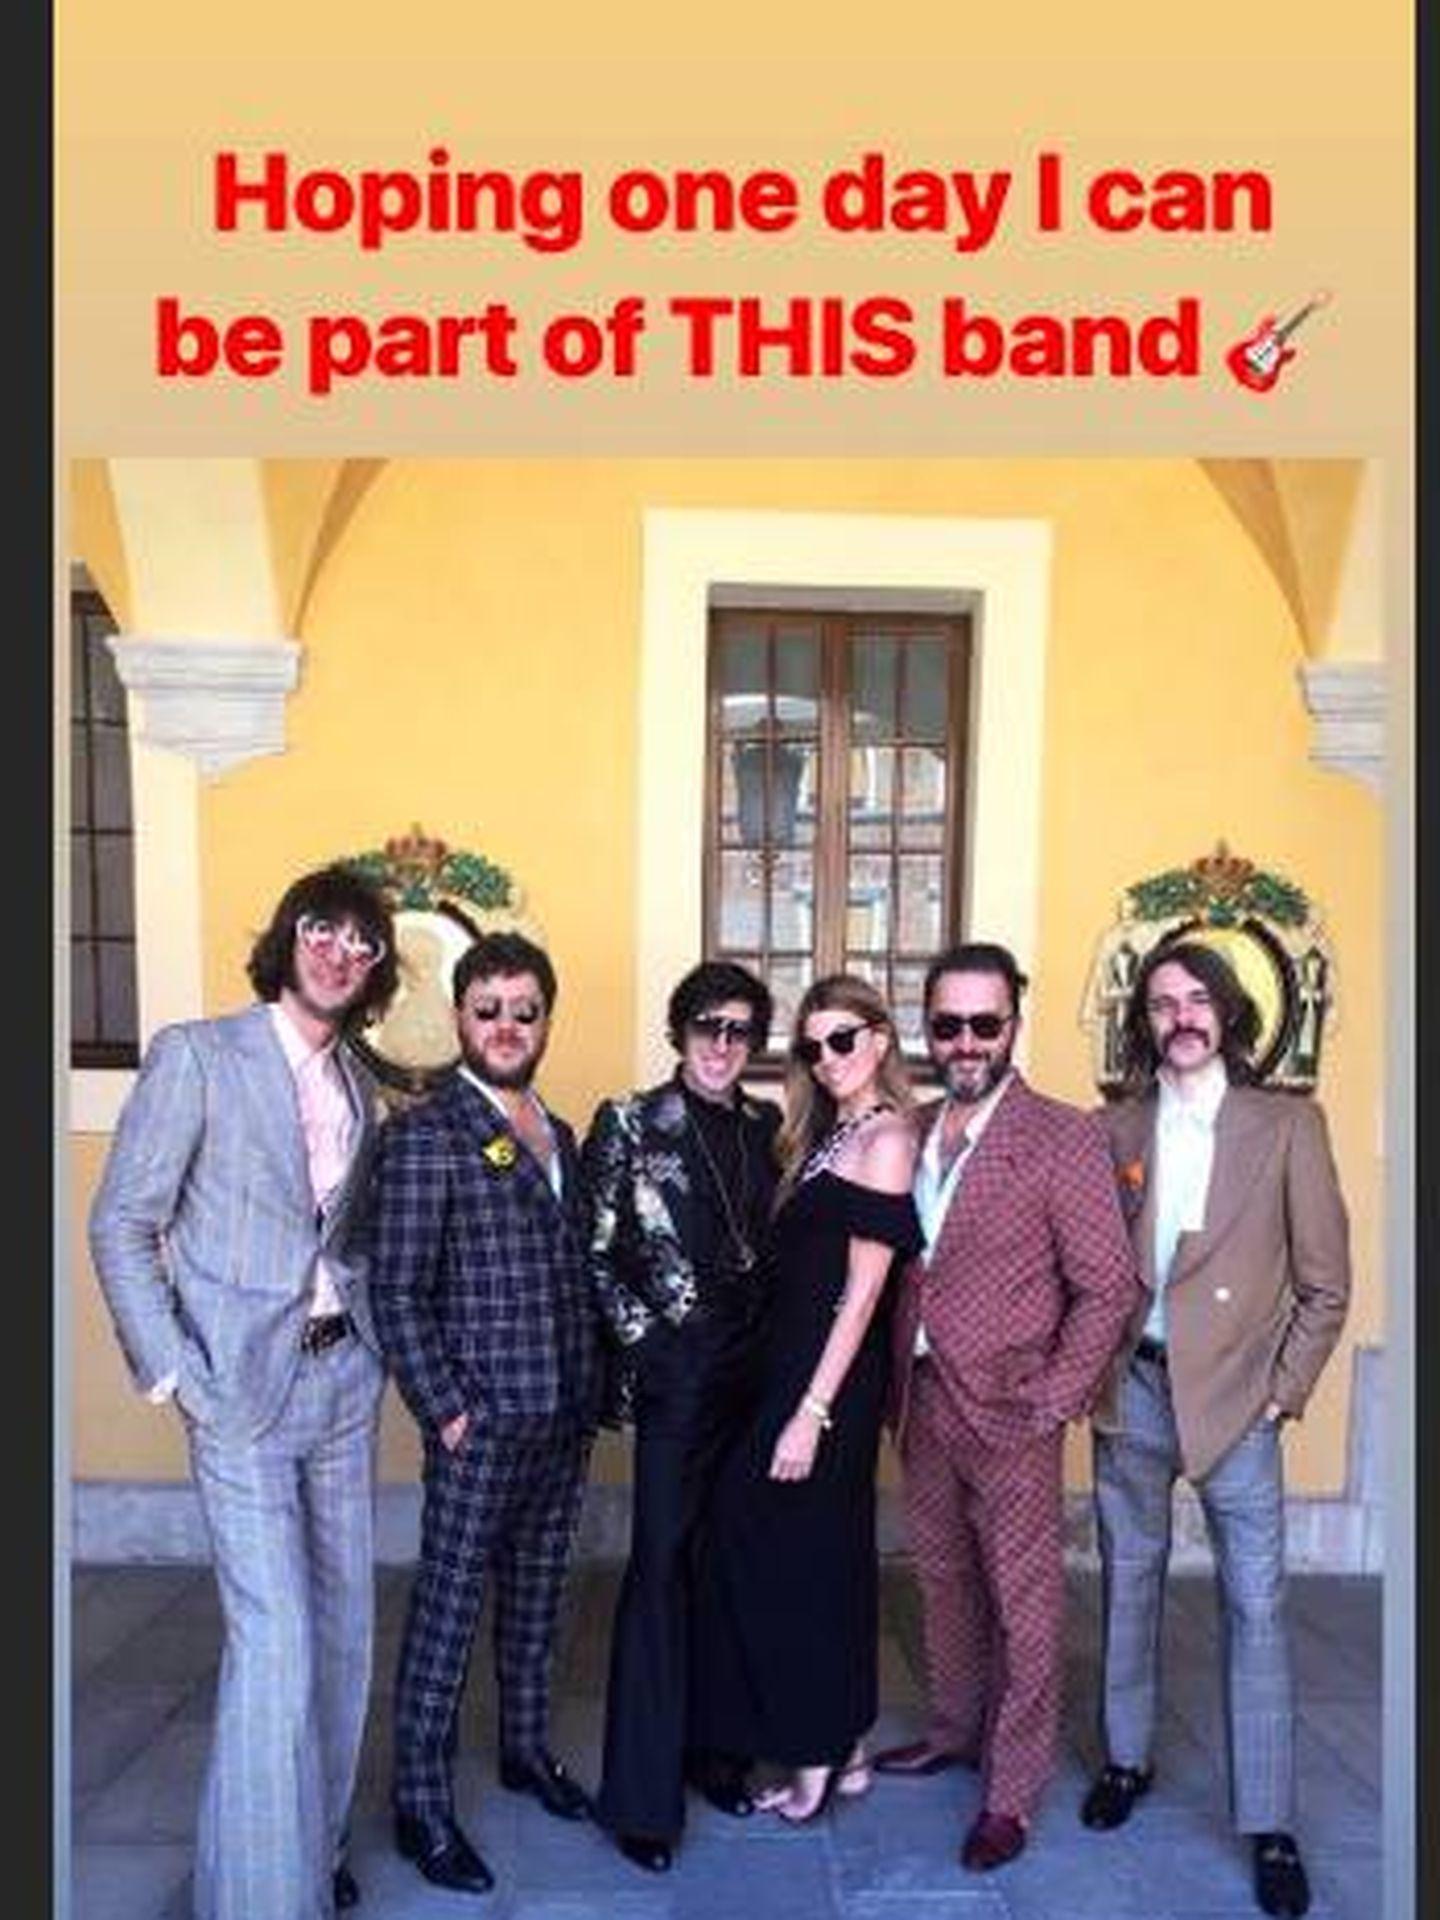 Bianca junto al grupo que ha actuado en la fiesta. (Instgram @biancabrandolini)